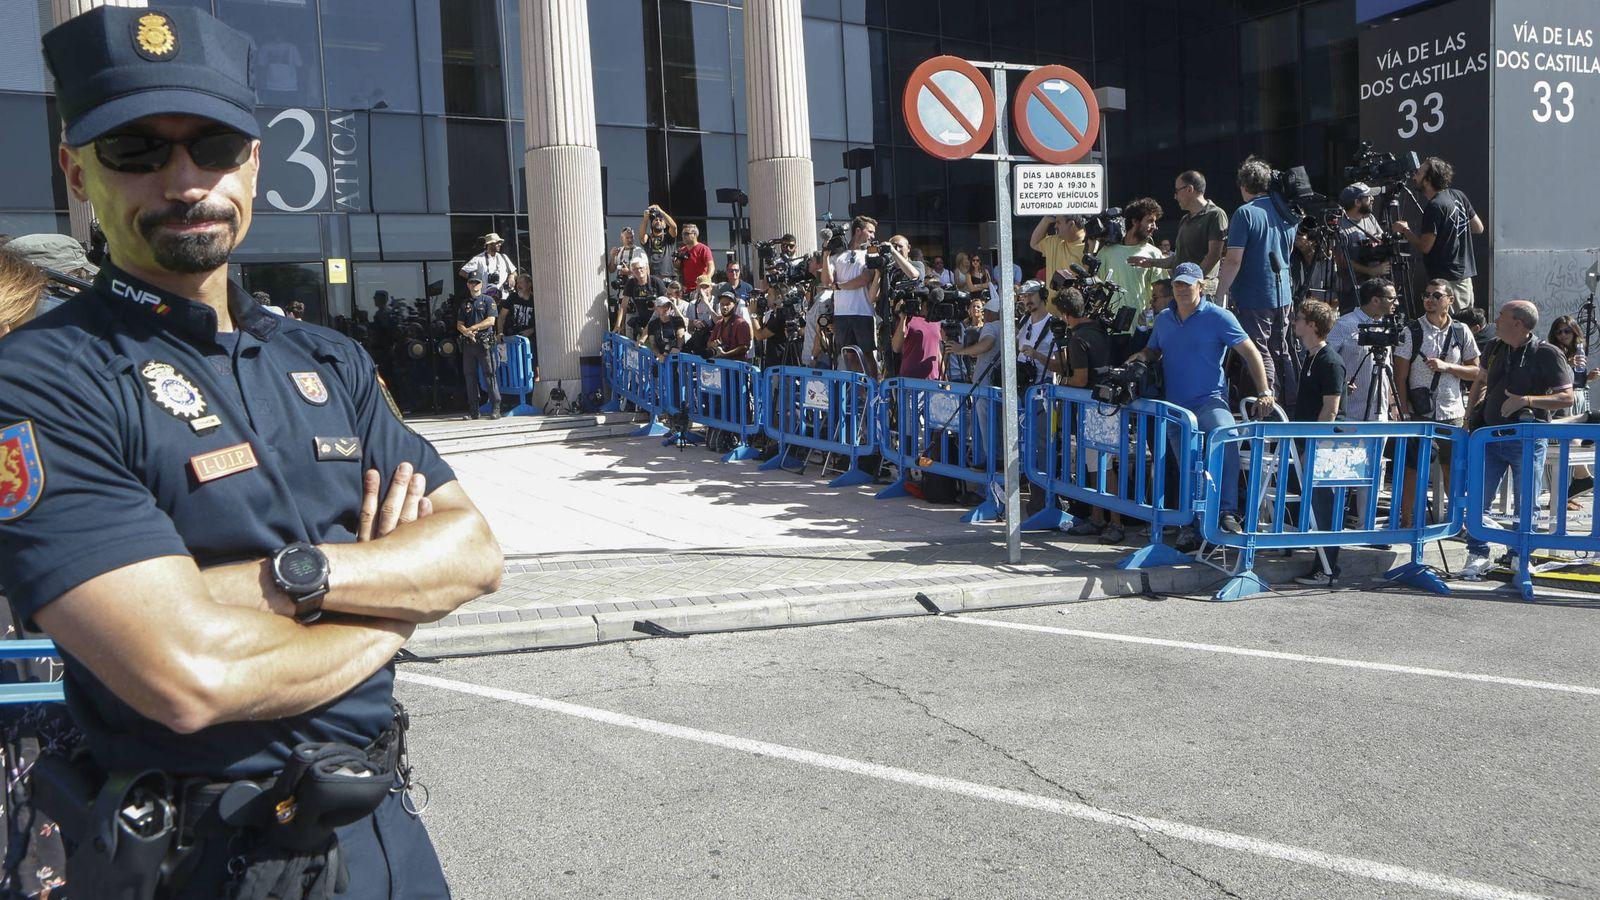 Foto: Imágenes de las puertas del juzgado de Pozuelo durante la declaración de Cristiano Ronaldo. (Gtres)